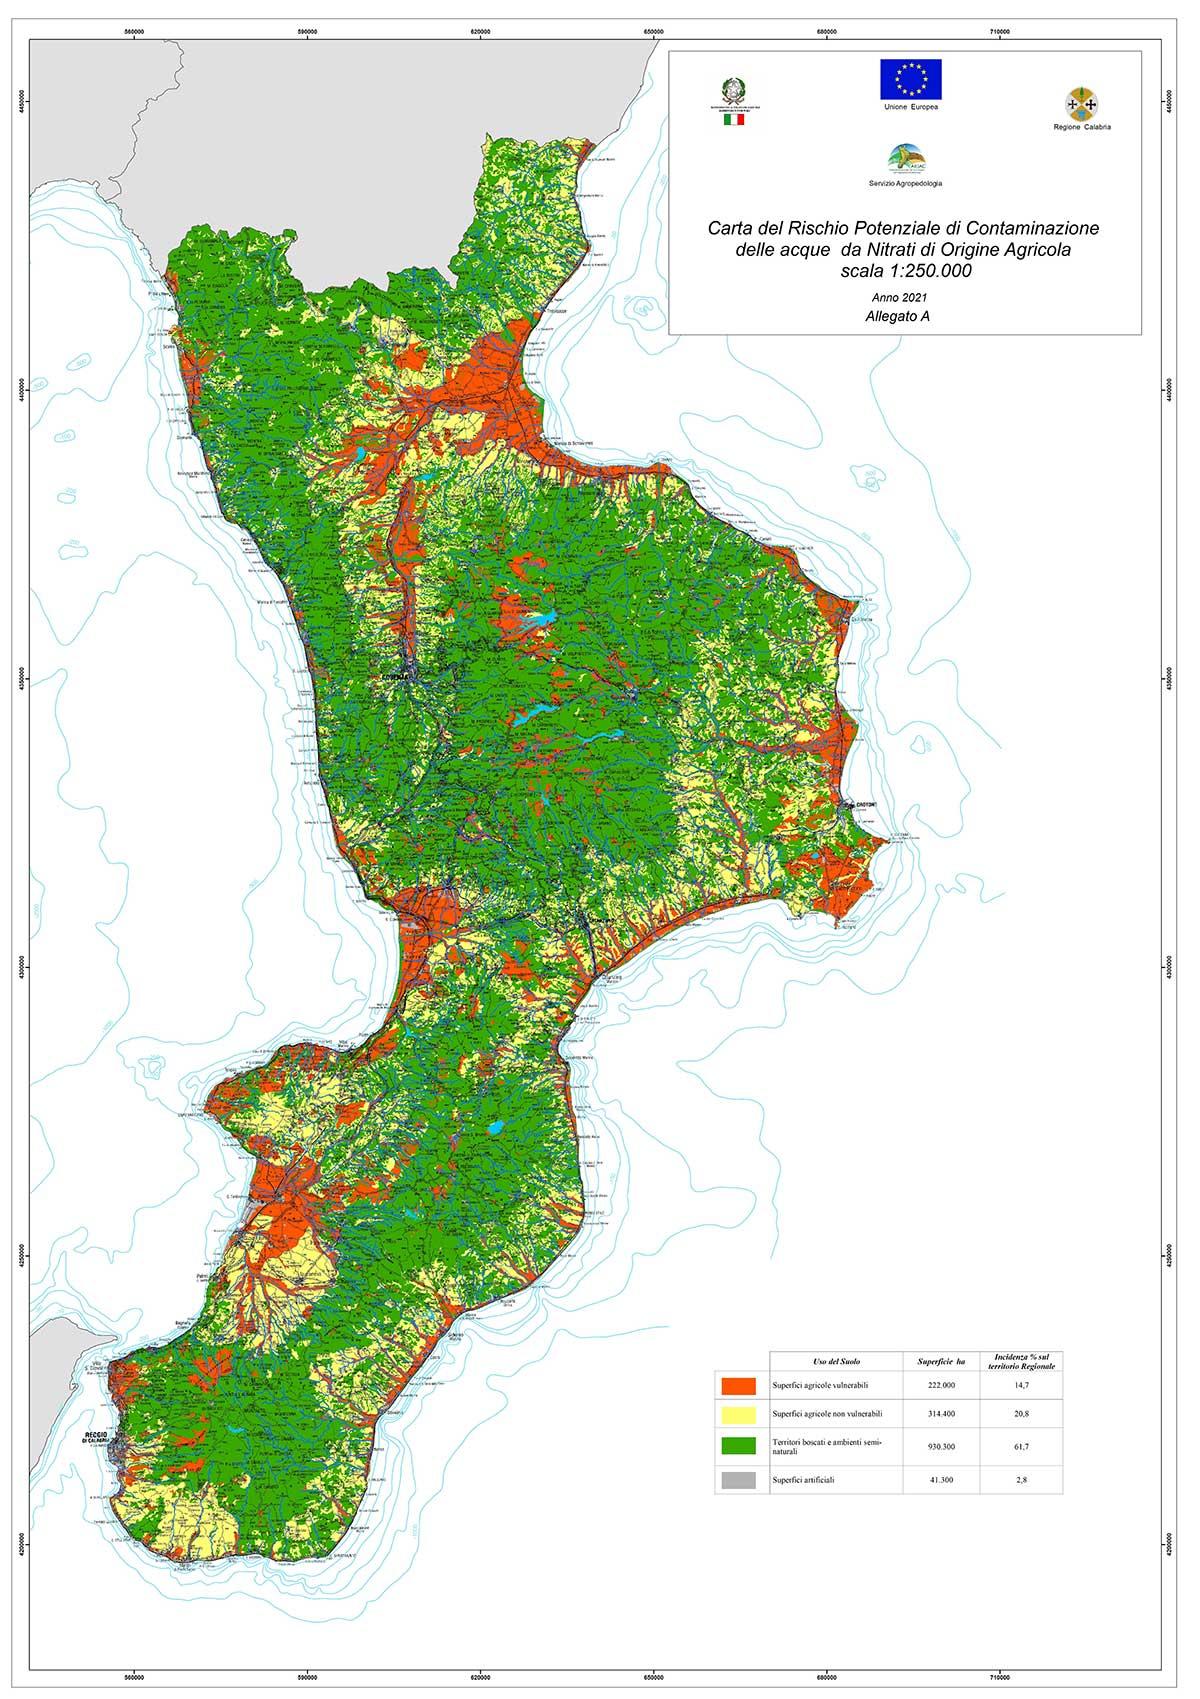 Carta del rischio potenziale di contaminazione delle acque da nitrati di origine agricola